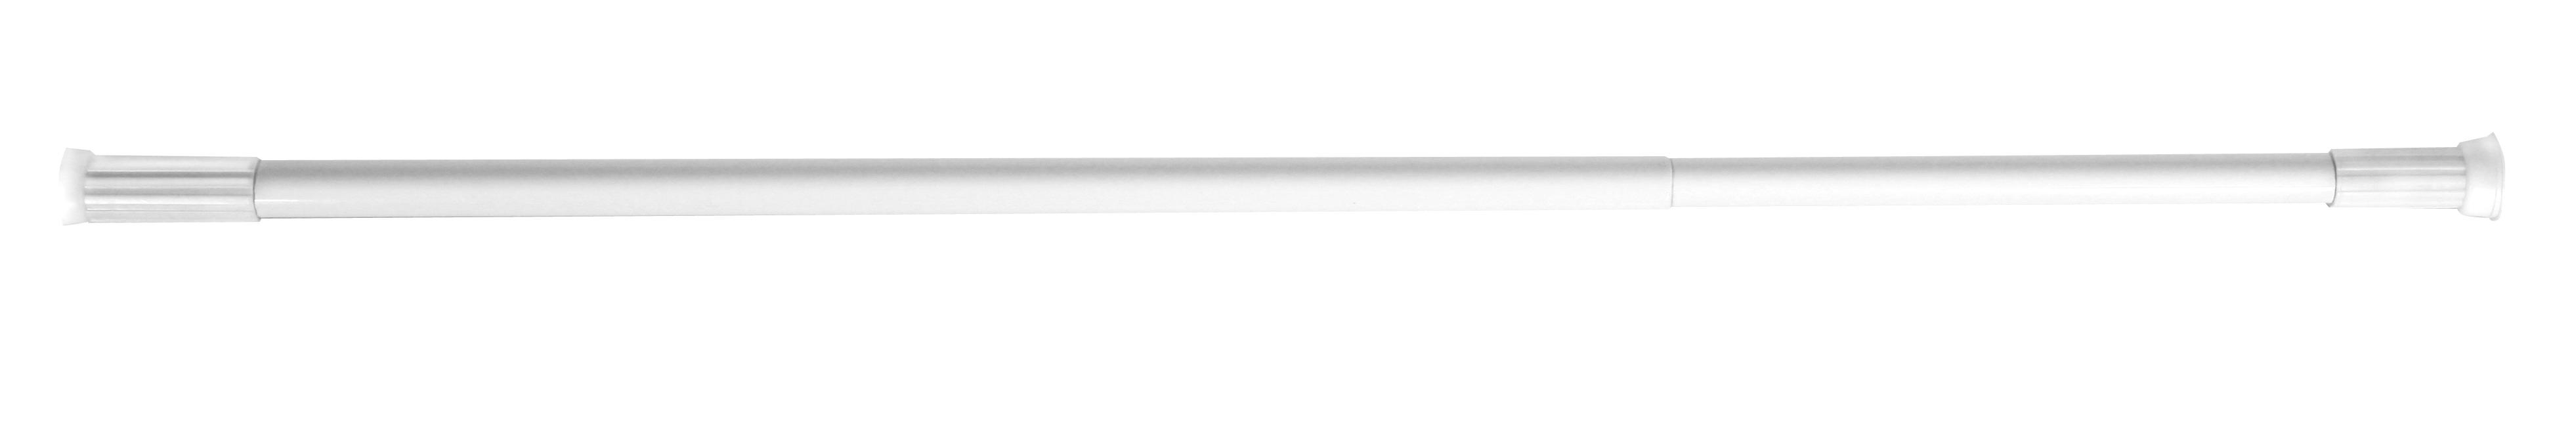 Tyč na sprchový závěs Olsen 110-200 bílá